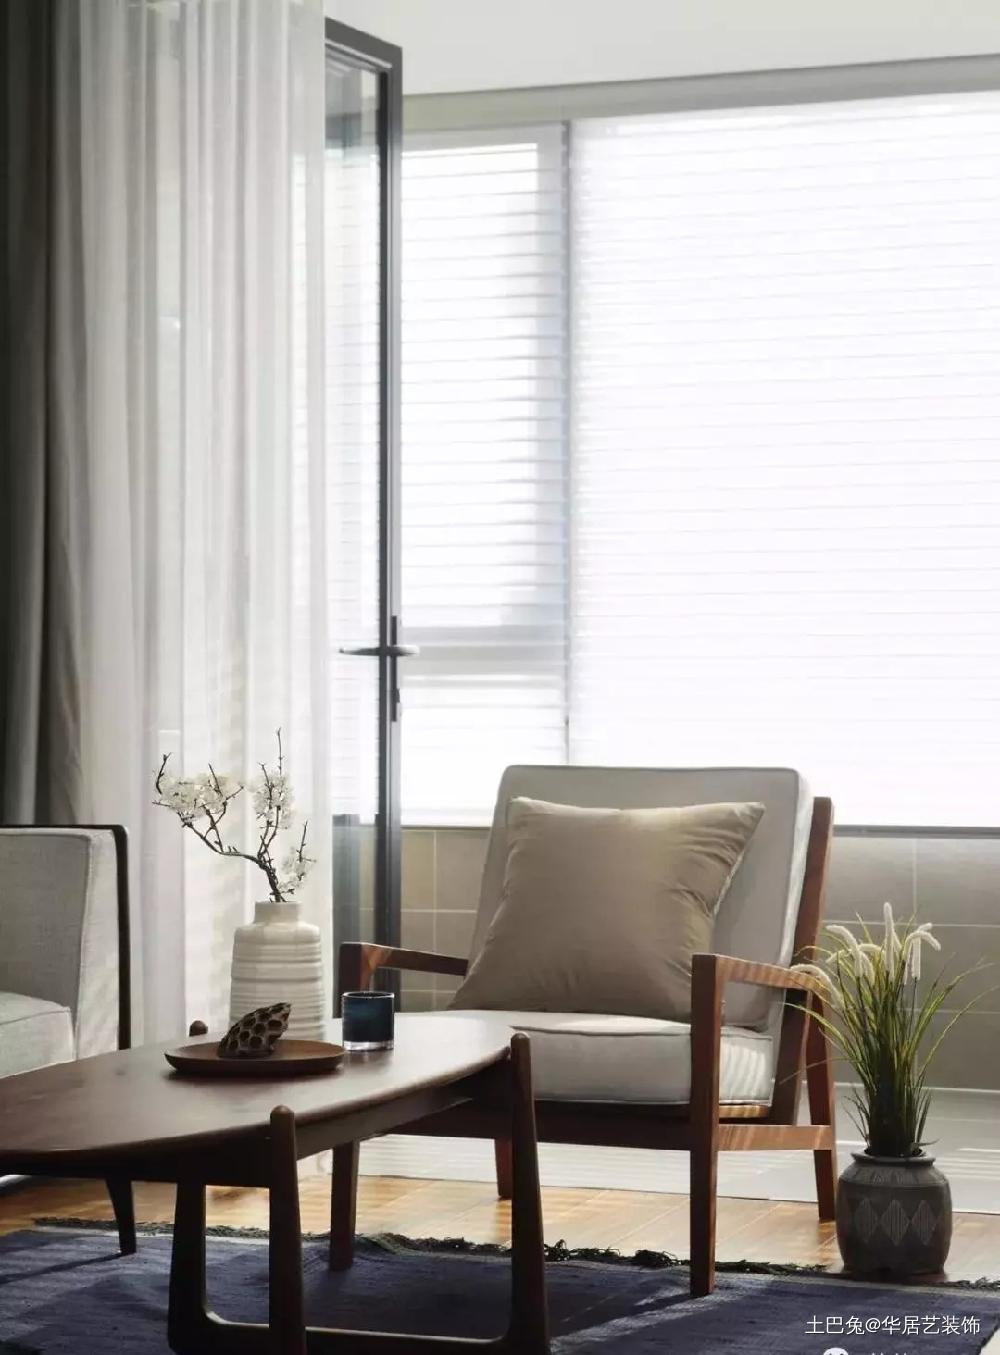 木质与混搭新中式的自然氛围客厅其他客厅设计图片赏析